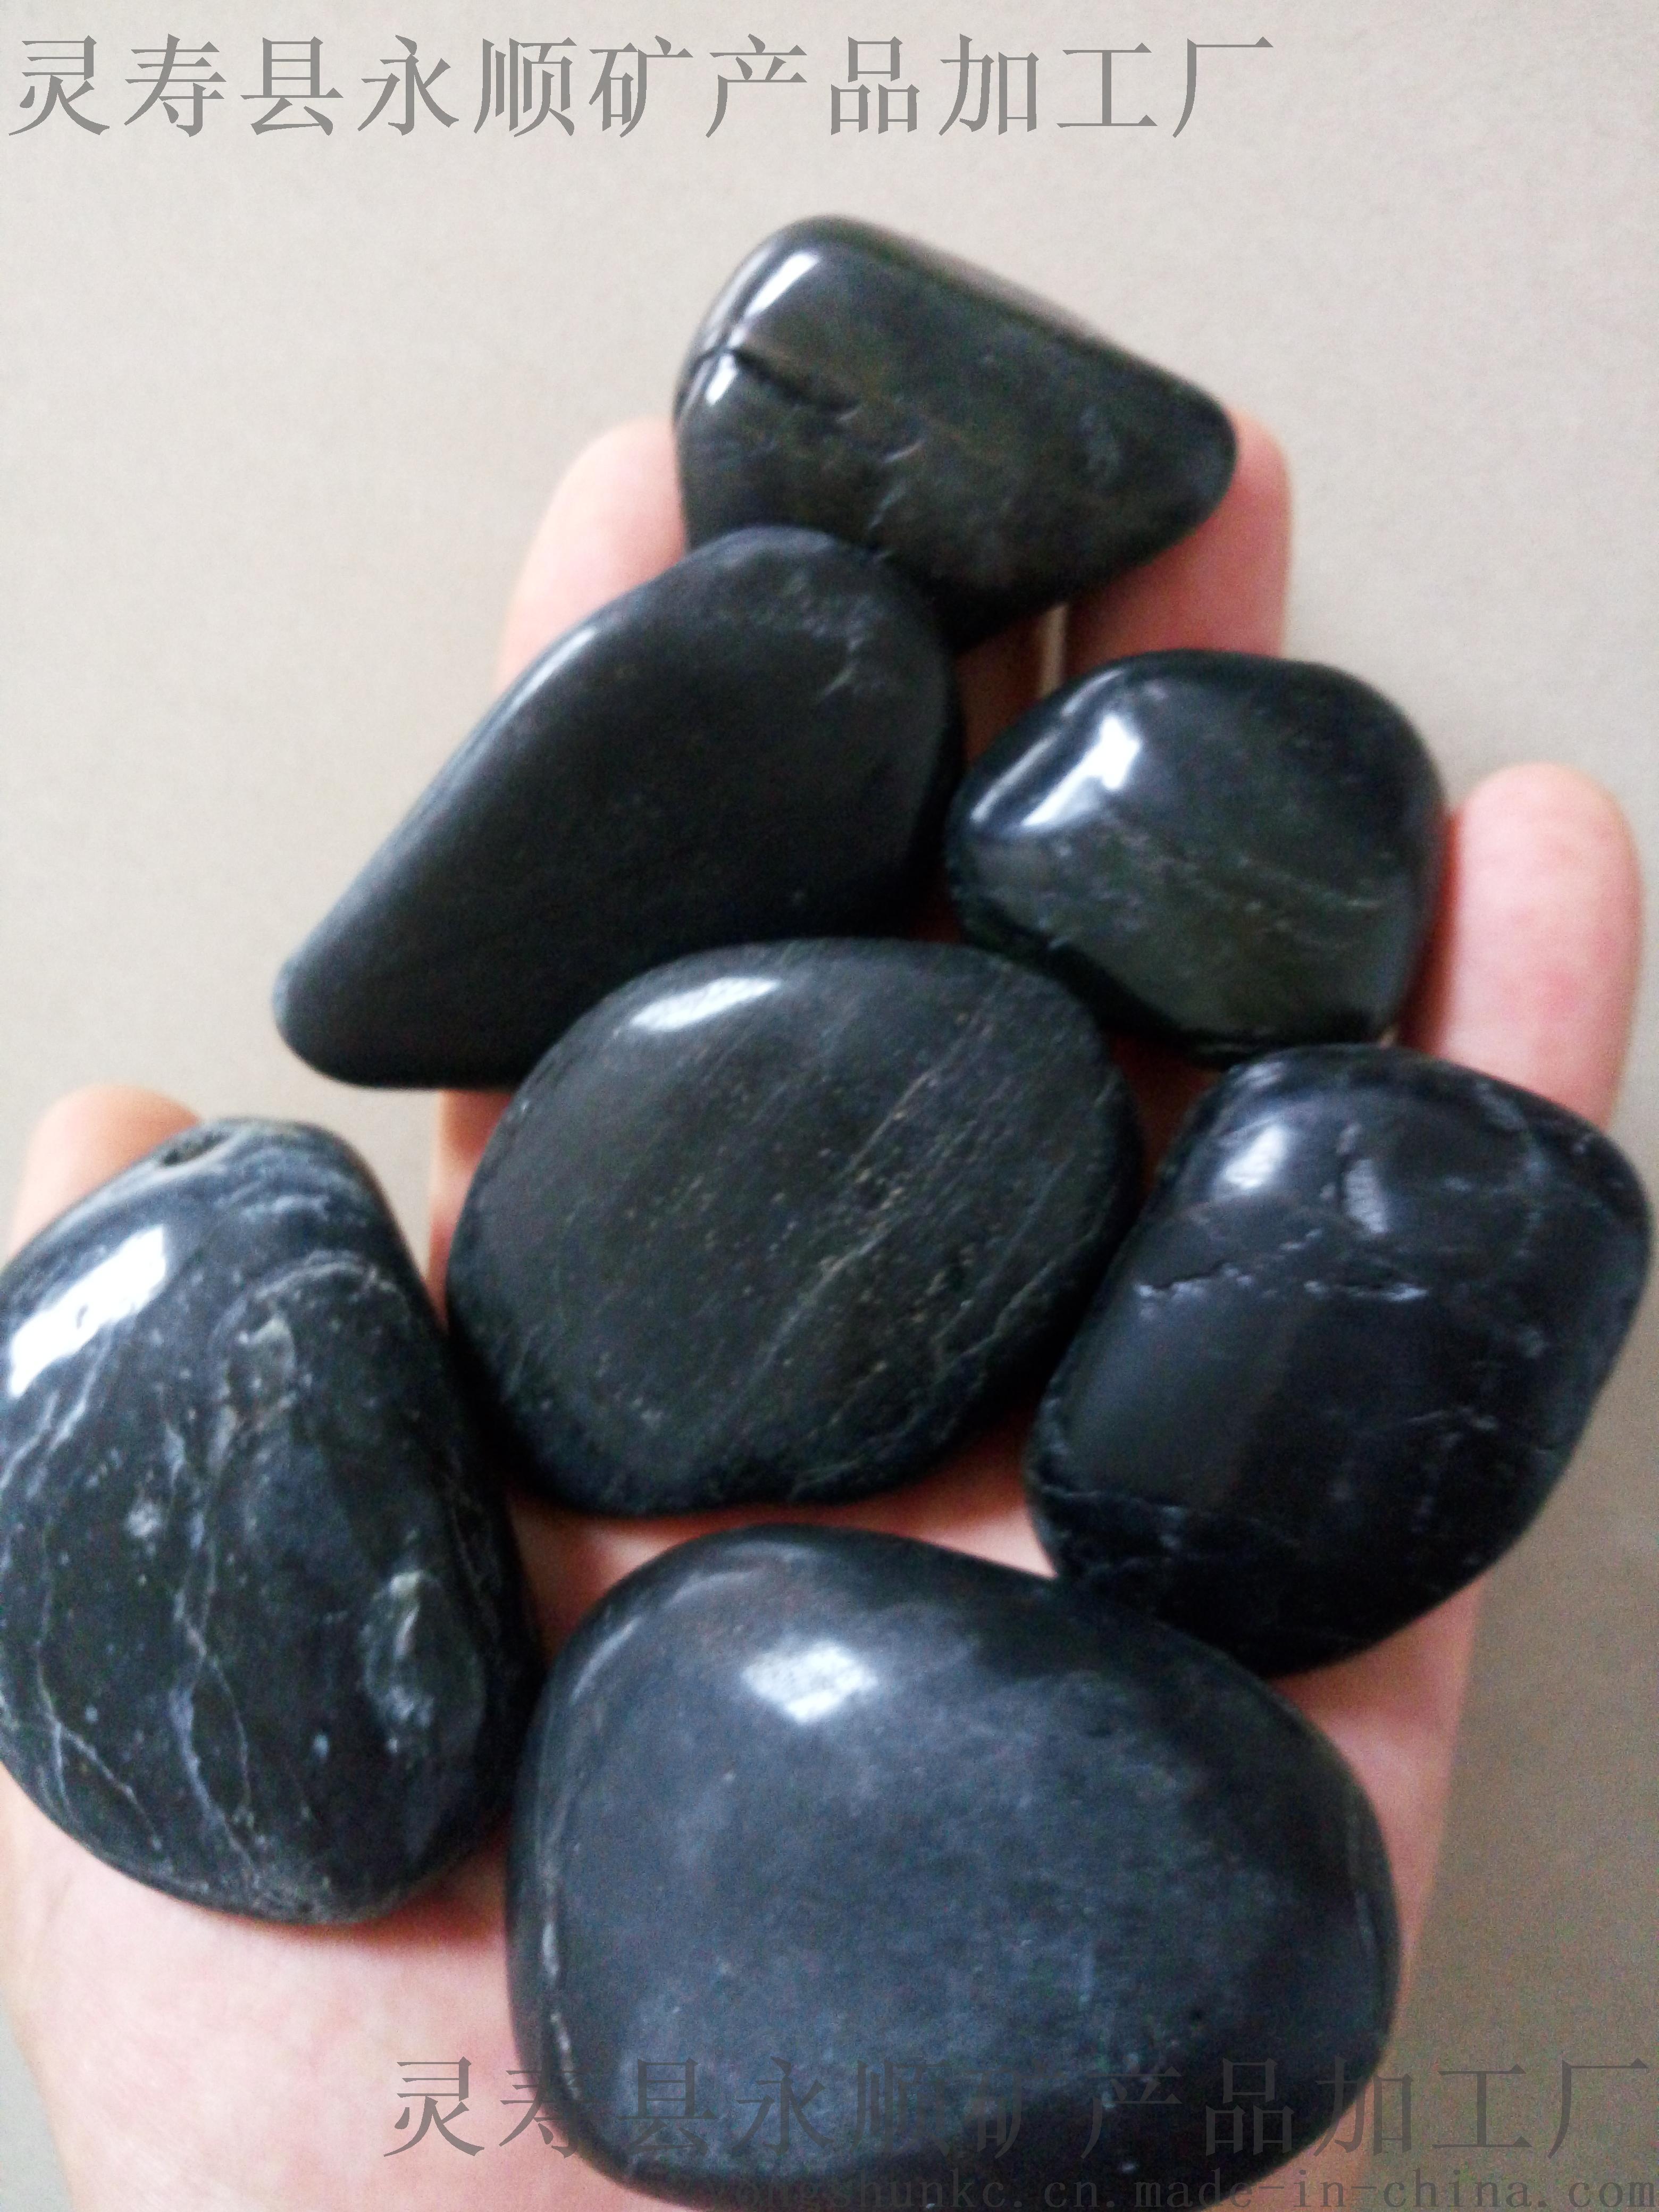 河北石家庄永顺2-3厘米黑色鹅卵石厂家736026482